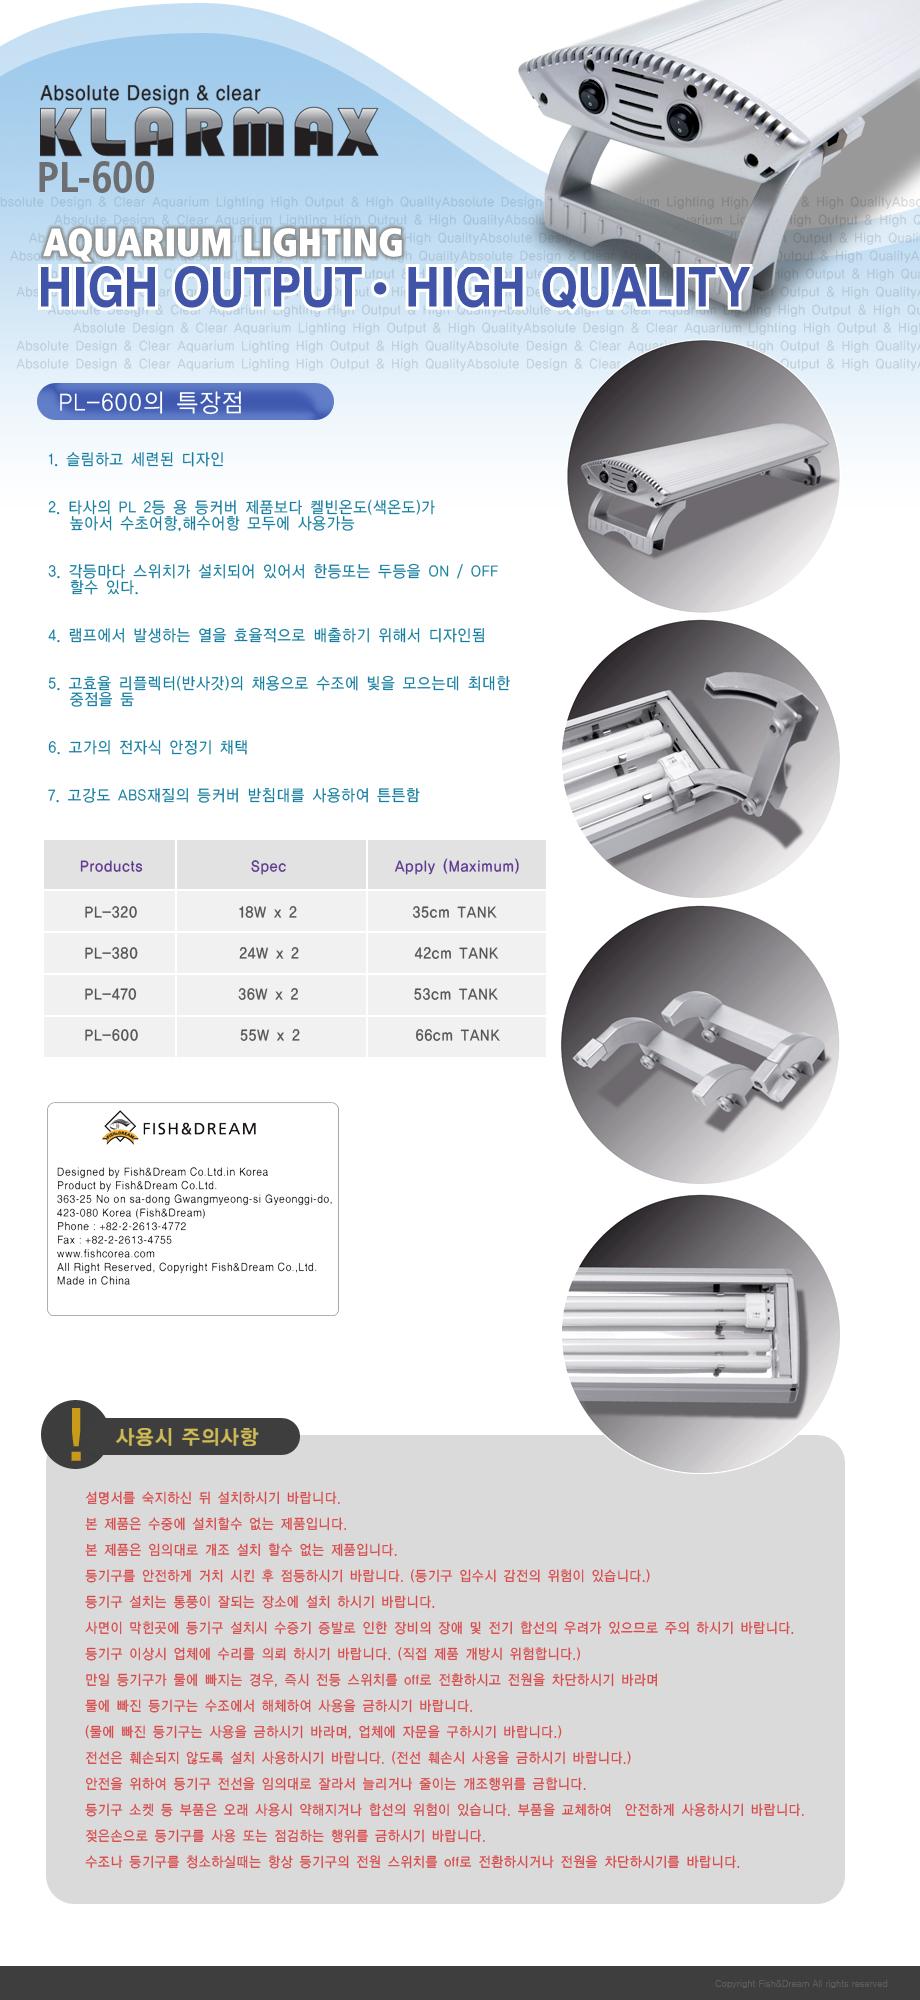 클라맥스 PL-600 (110w) - 미미네아쿠아, 85,000원, 부속품, 조명